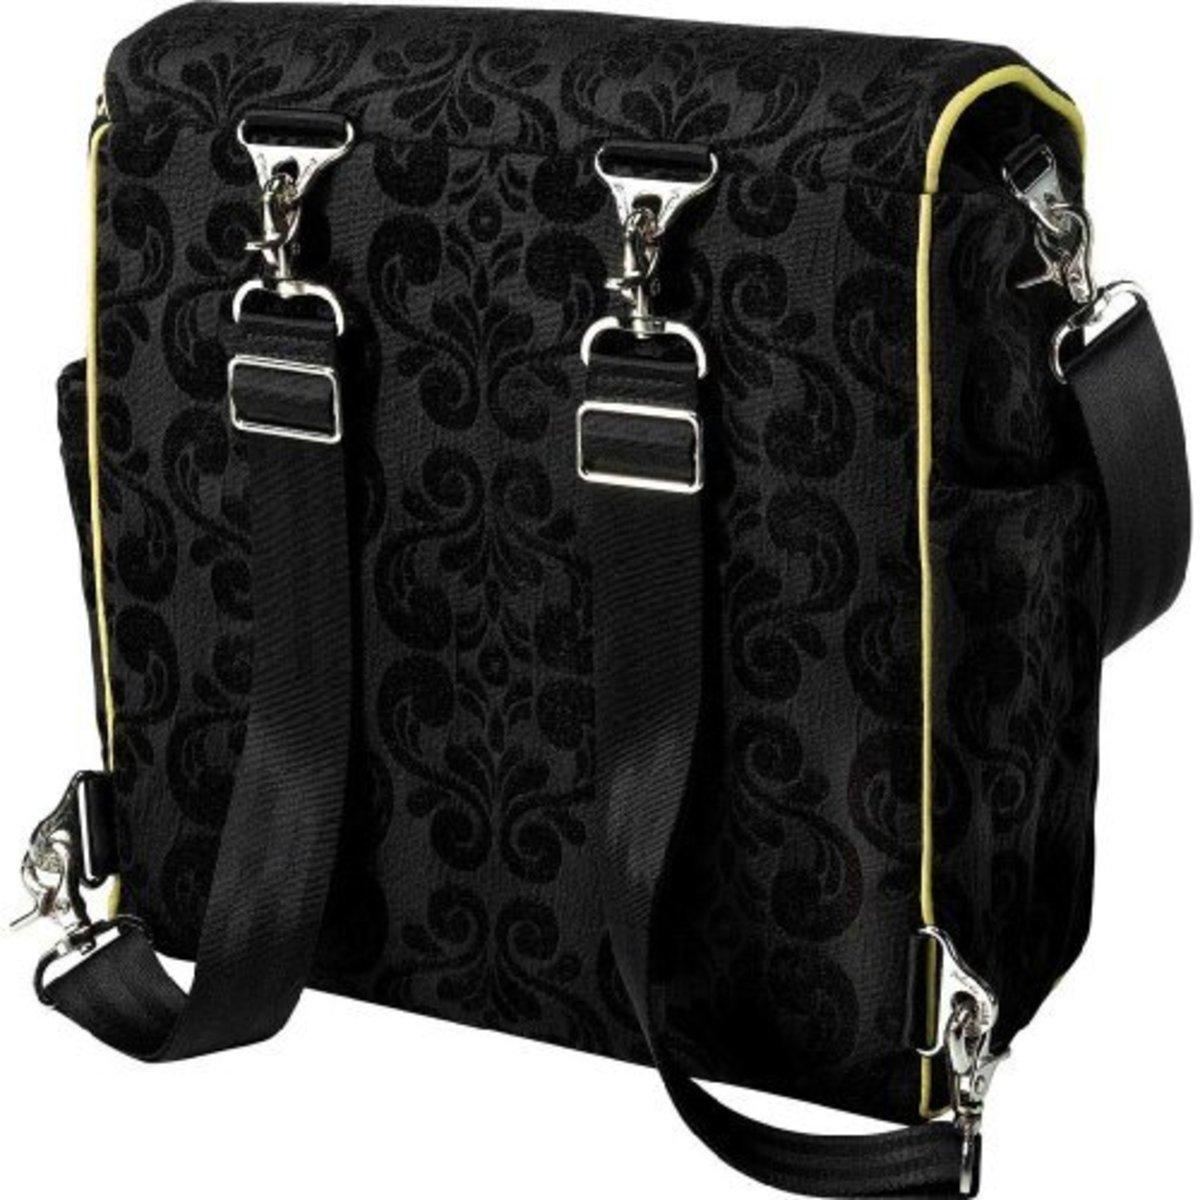 Petunia Pickle designer diaper backpack.